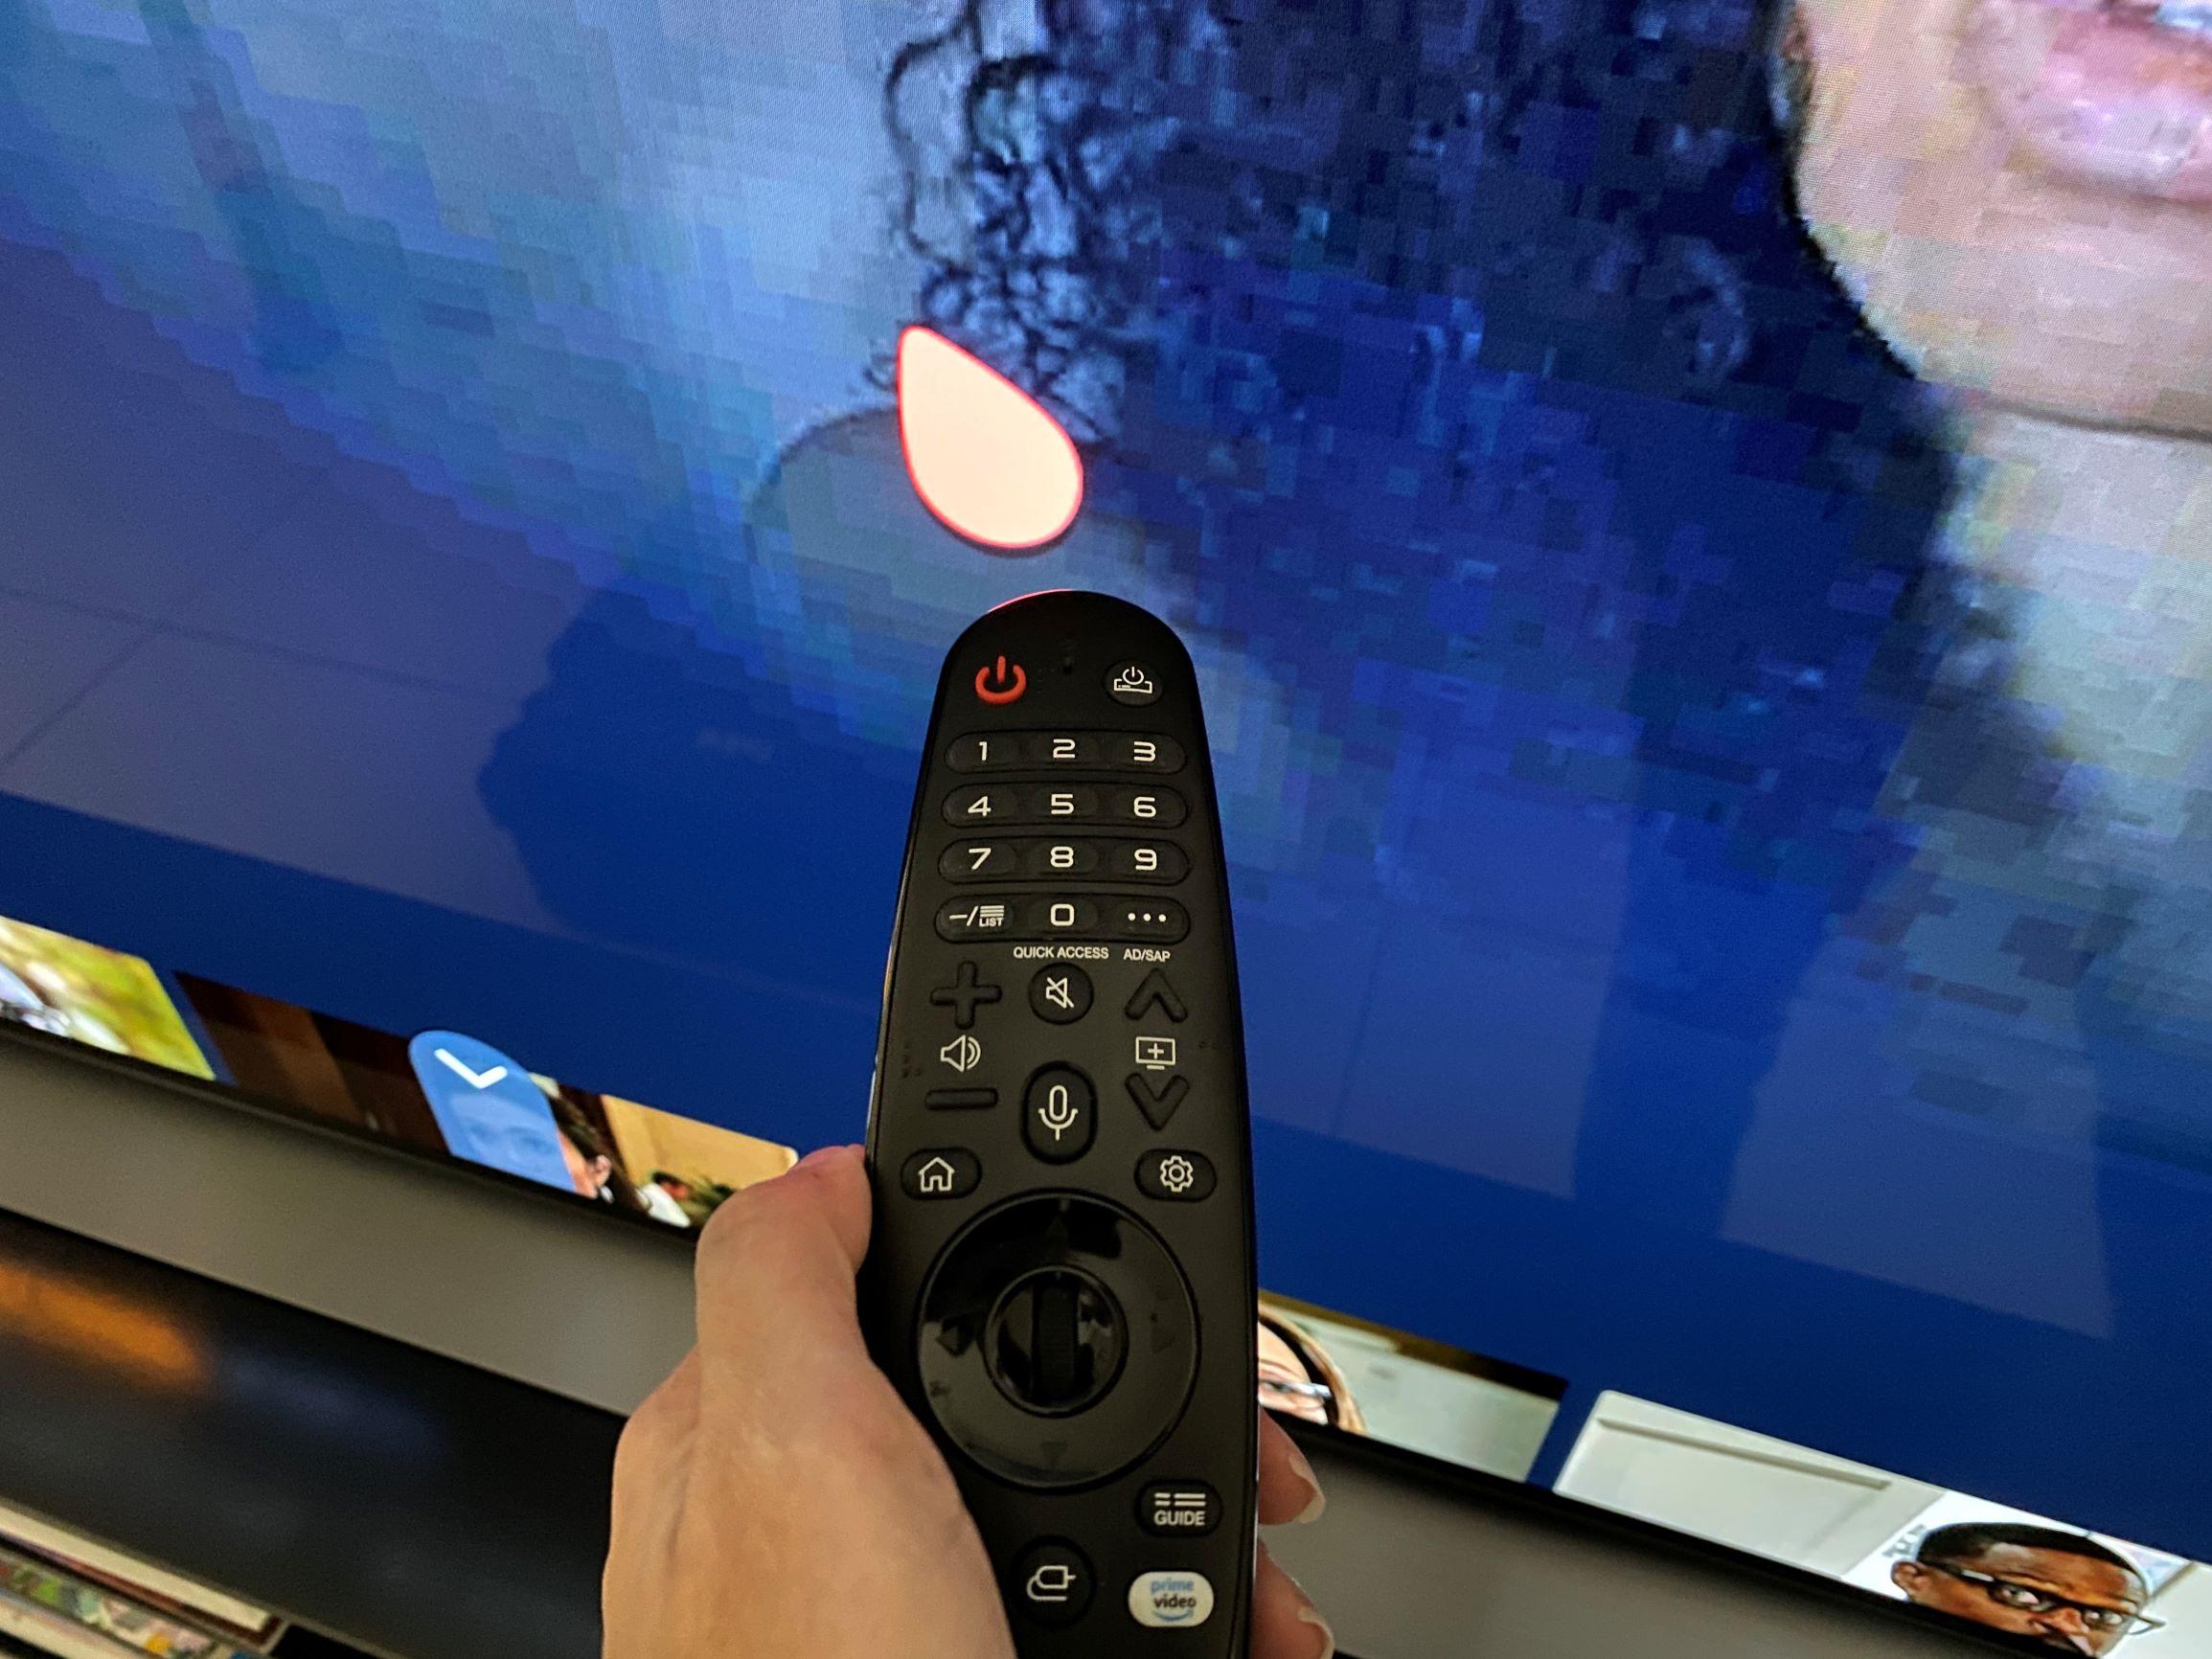 LG 55CX TV control